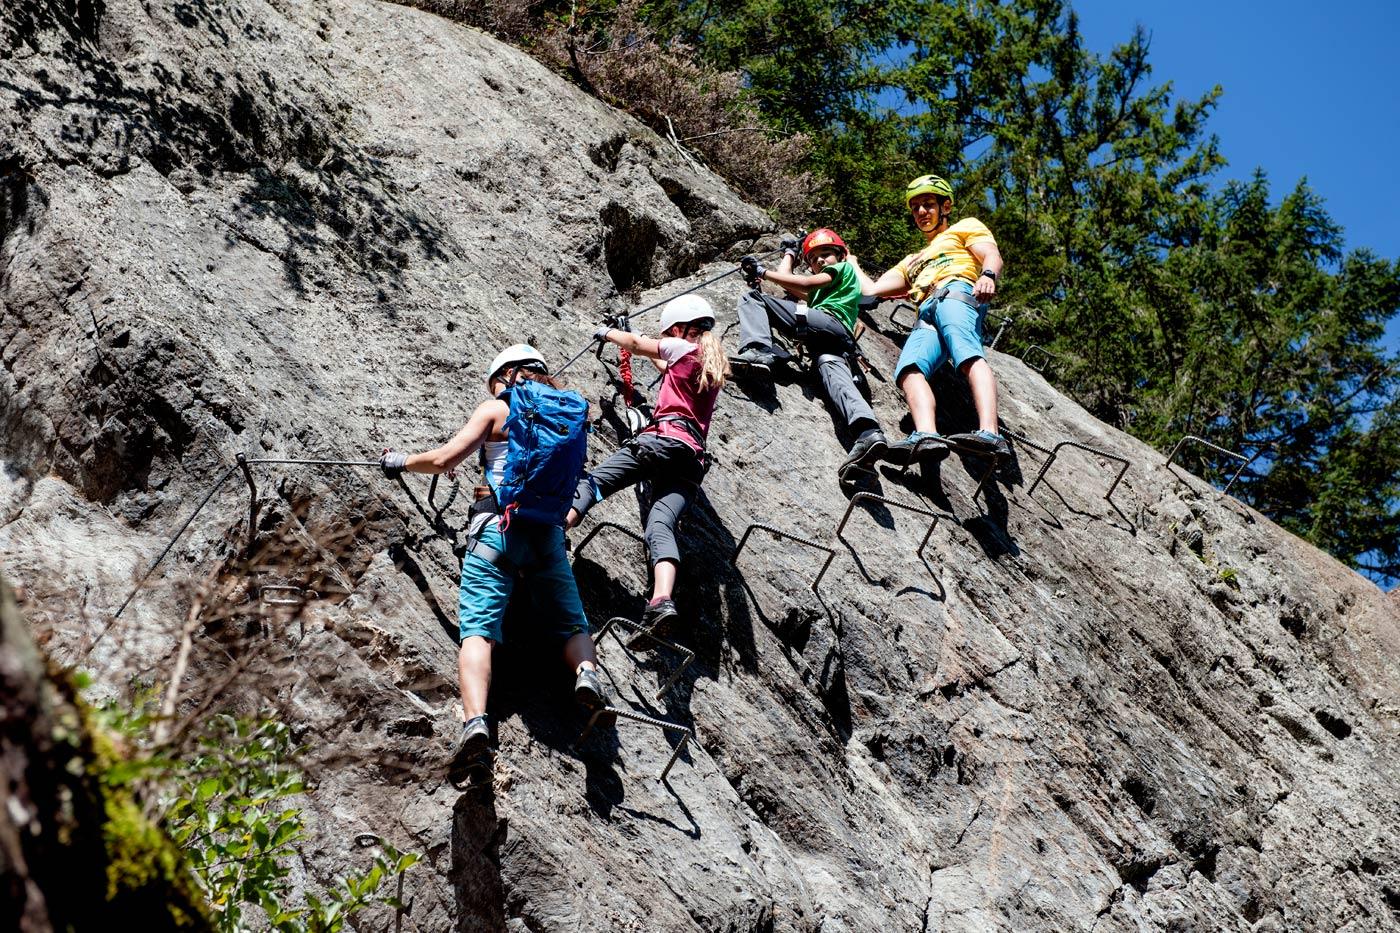 Klettersteig Zimmereben : Klettersteig zimmereben mountainshop hörhager